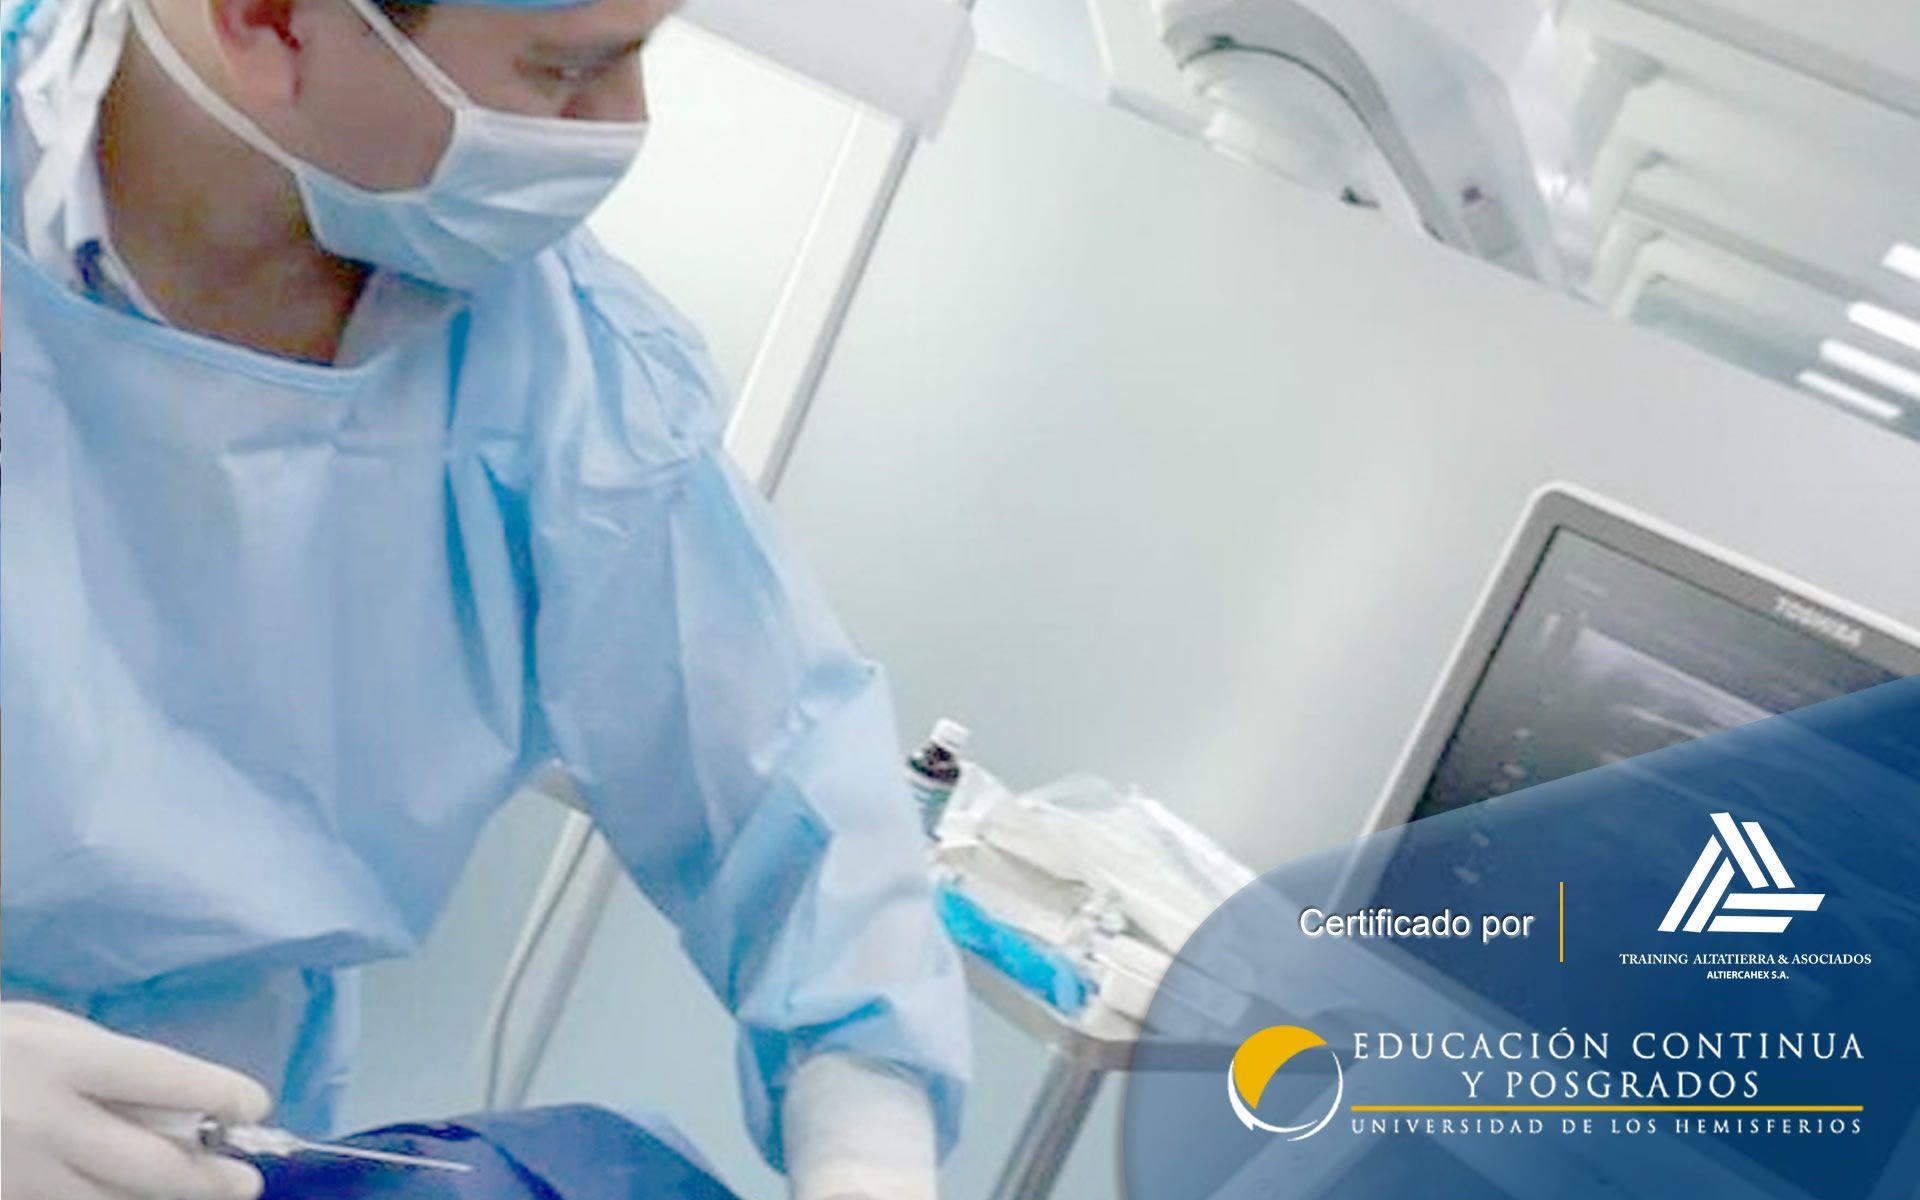 Taller en inserción percutánea y ecoguiada de catéteres – Guayaquil 2019